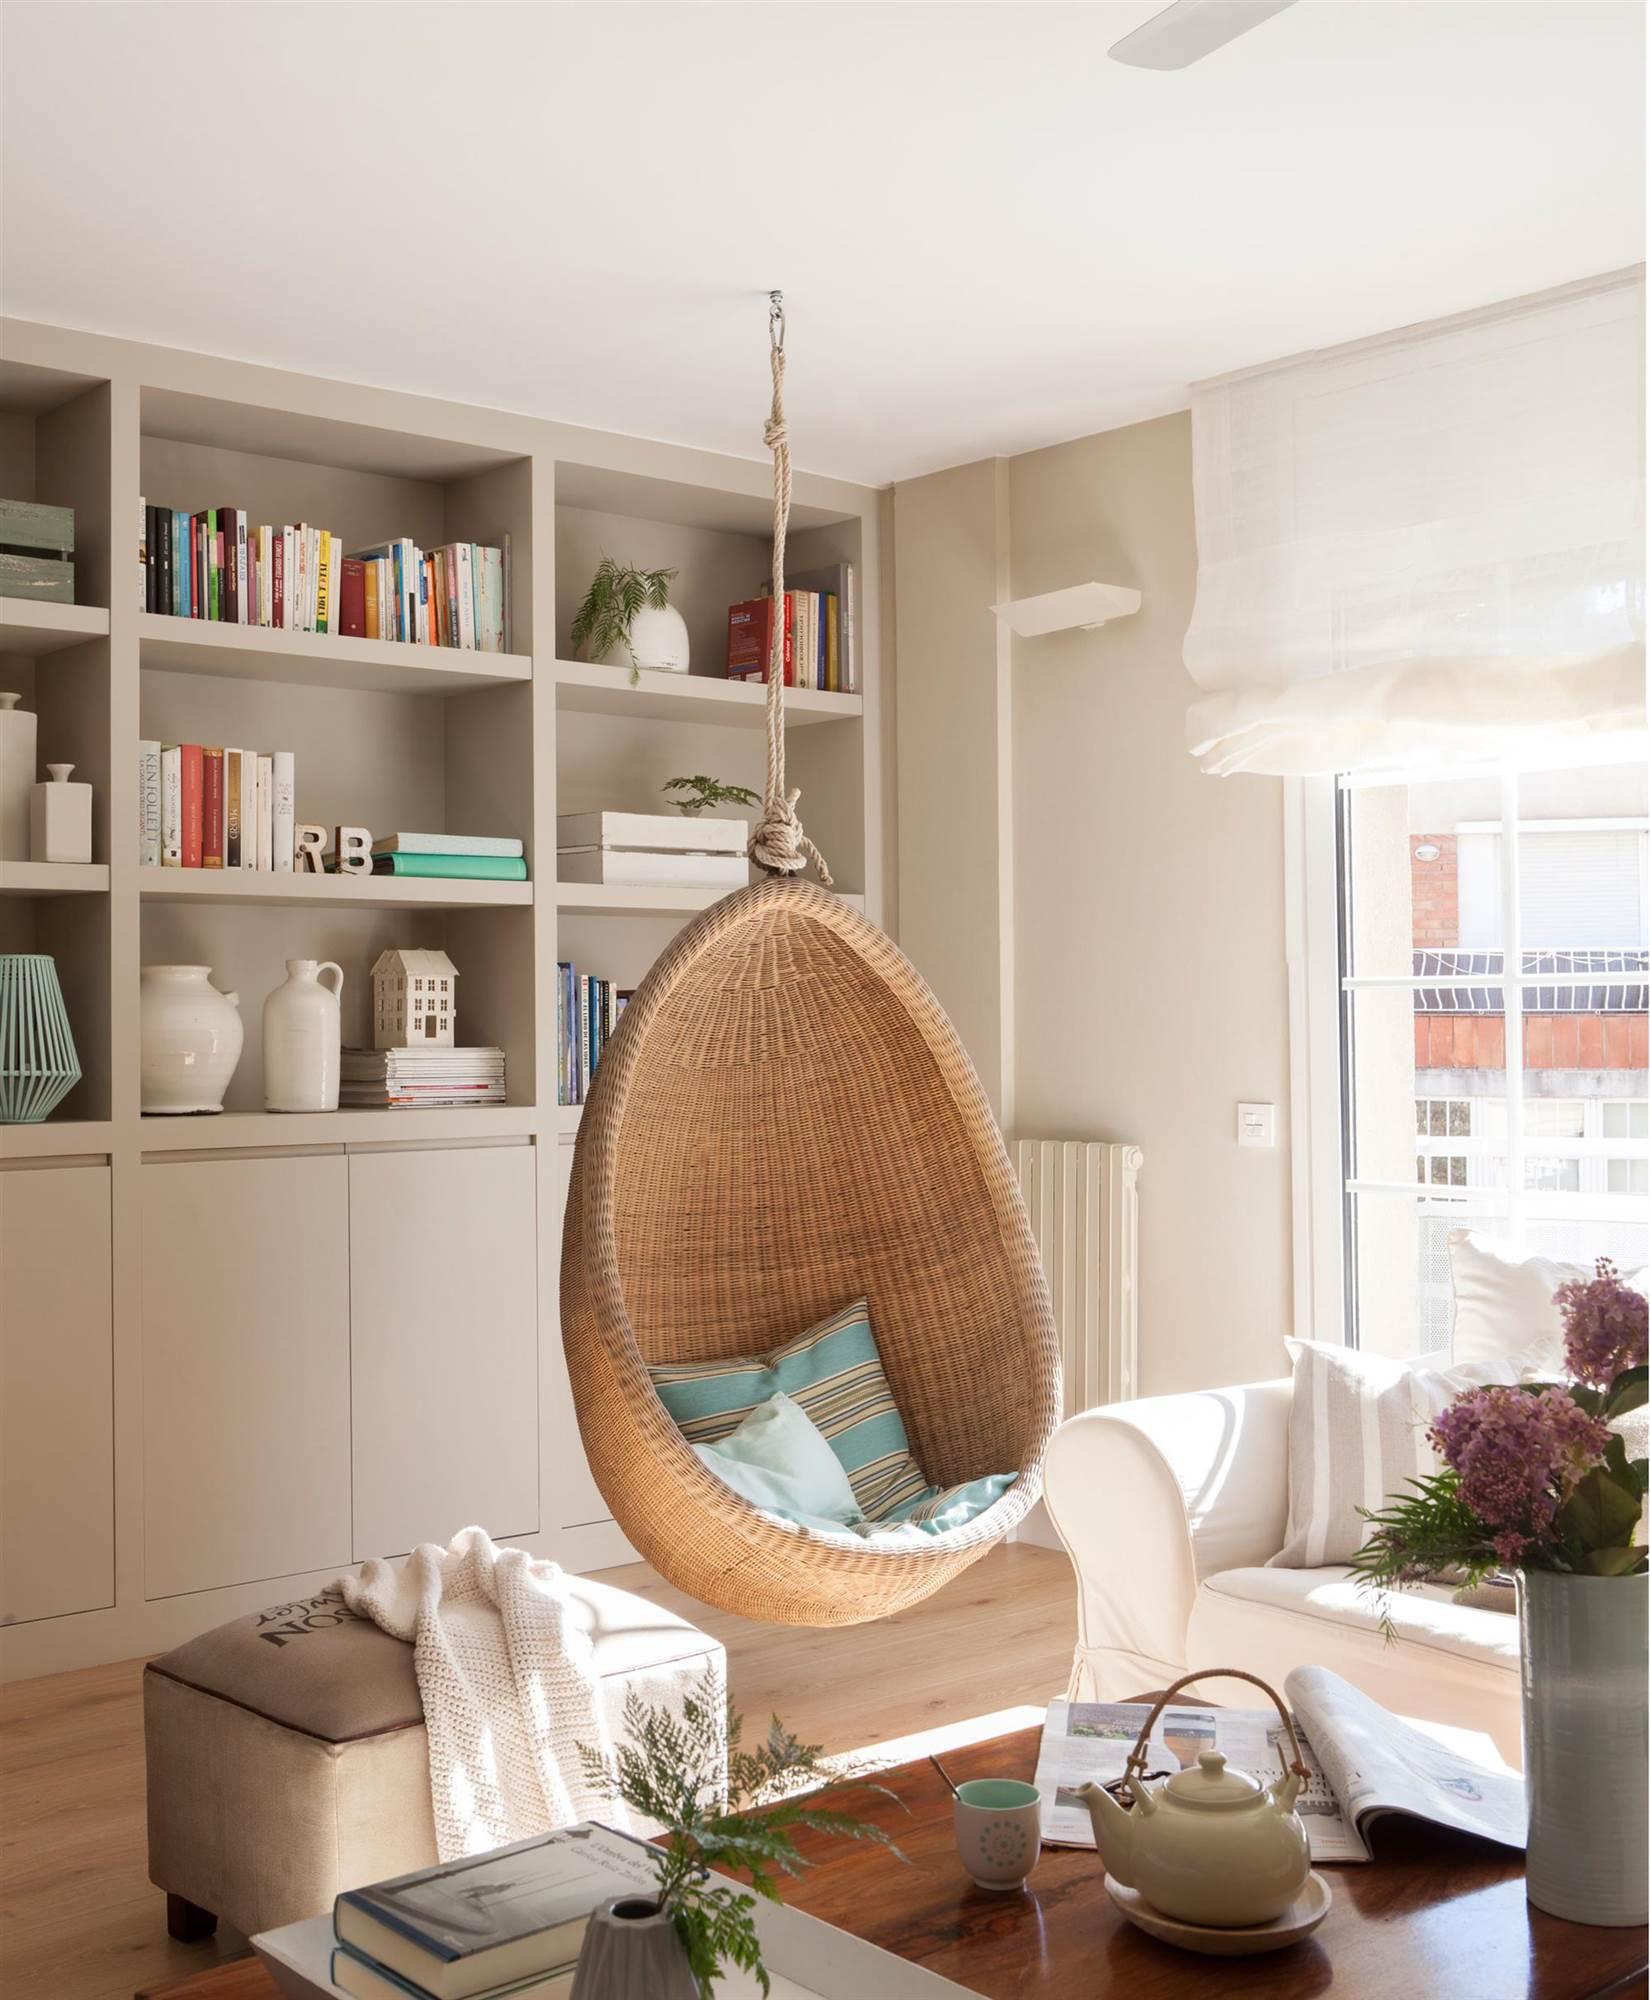 Como En Casa: Cómo Crear Un Rincón Chill Out En Casa